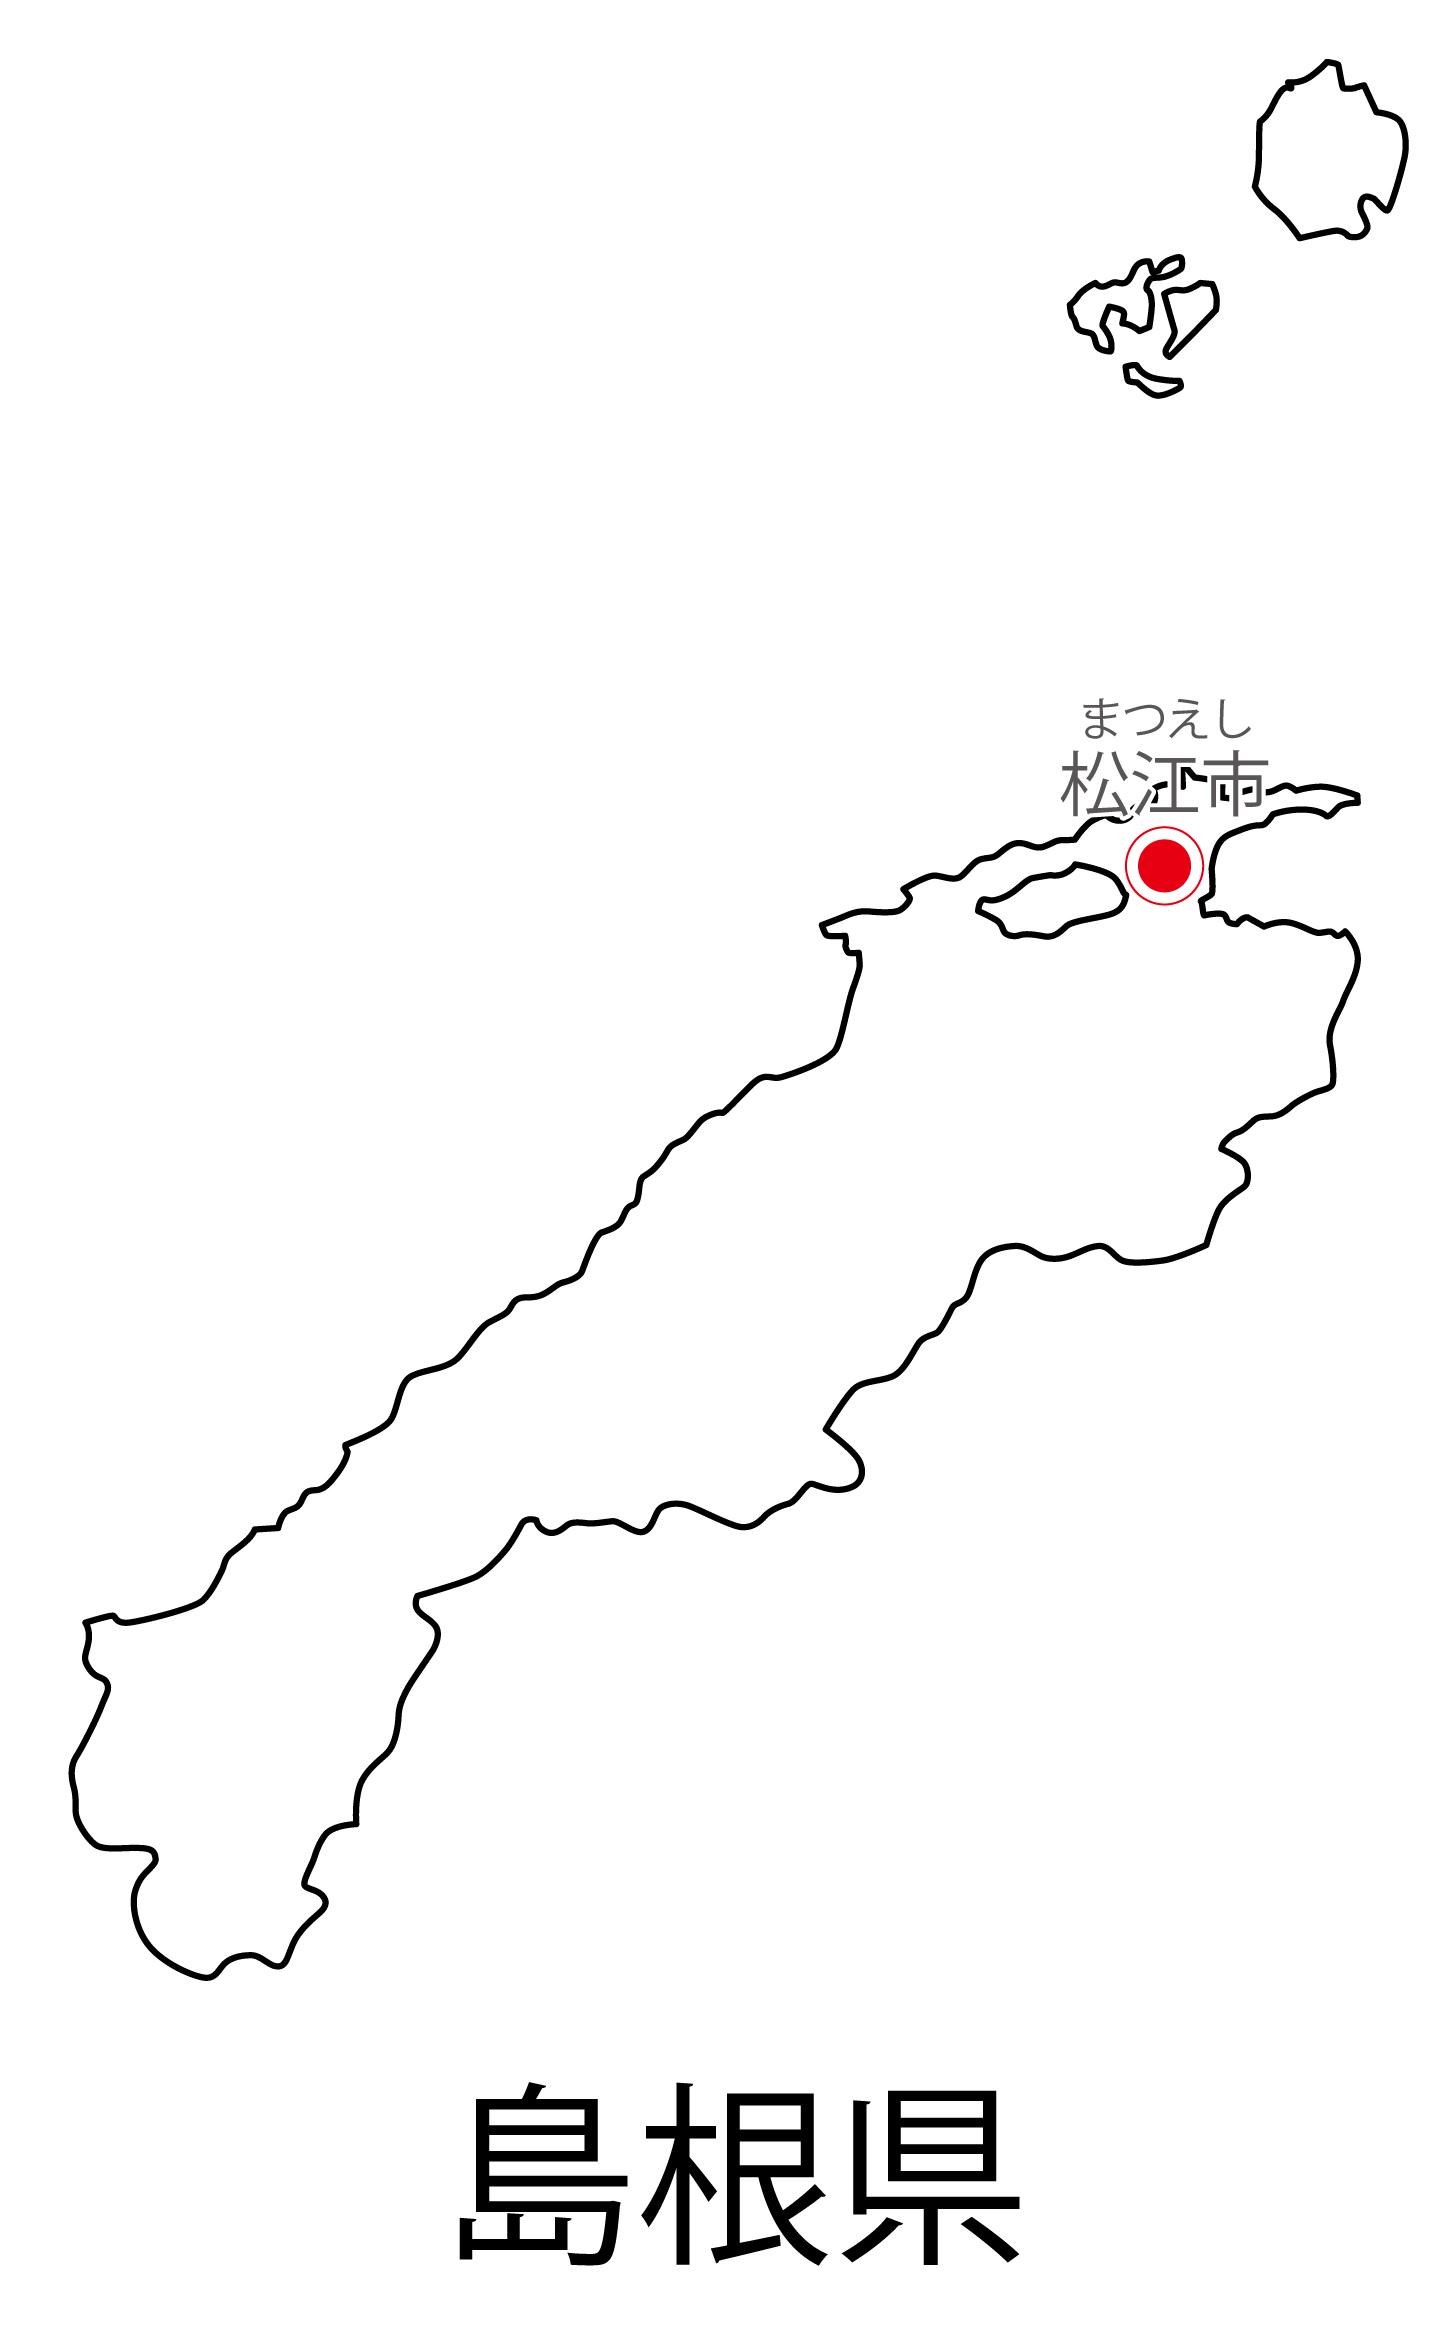 島根県無料フリーイラスト|日本語・都道府県名あり・県庁所在地あり・ルビあり(白)